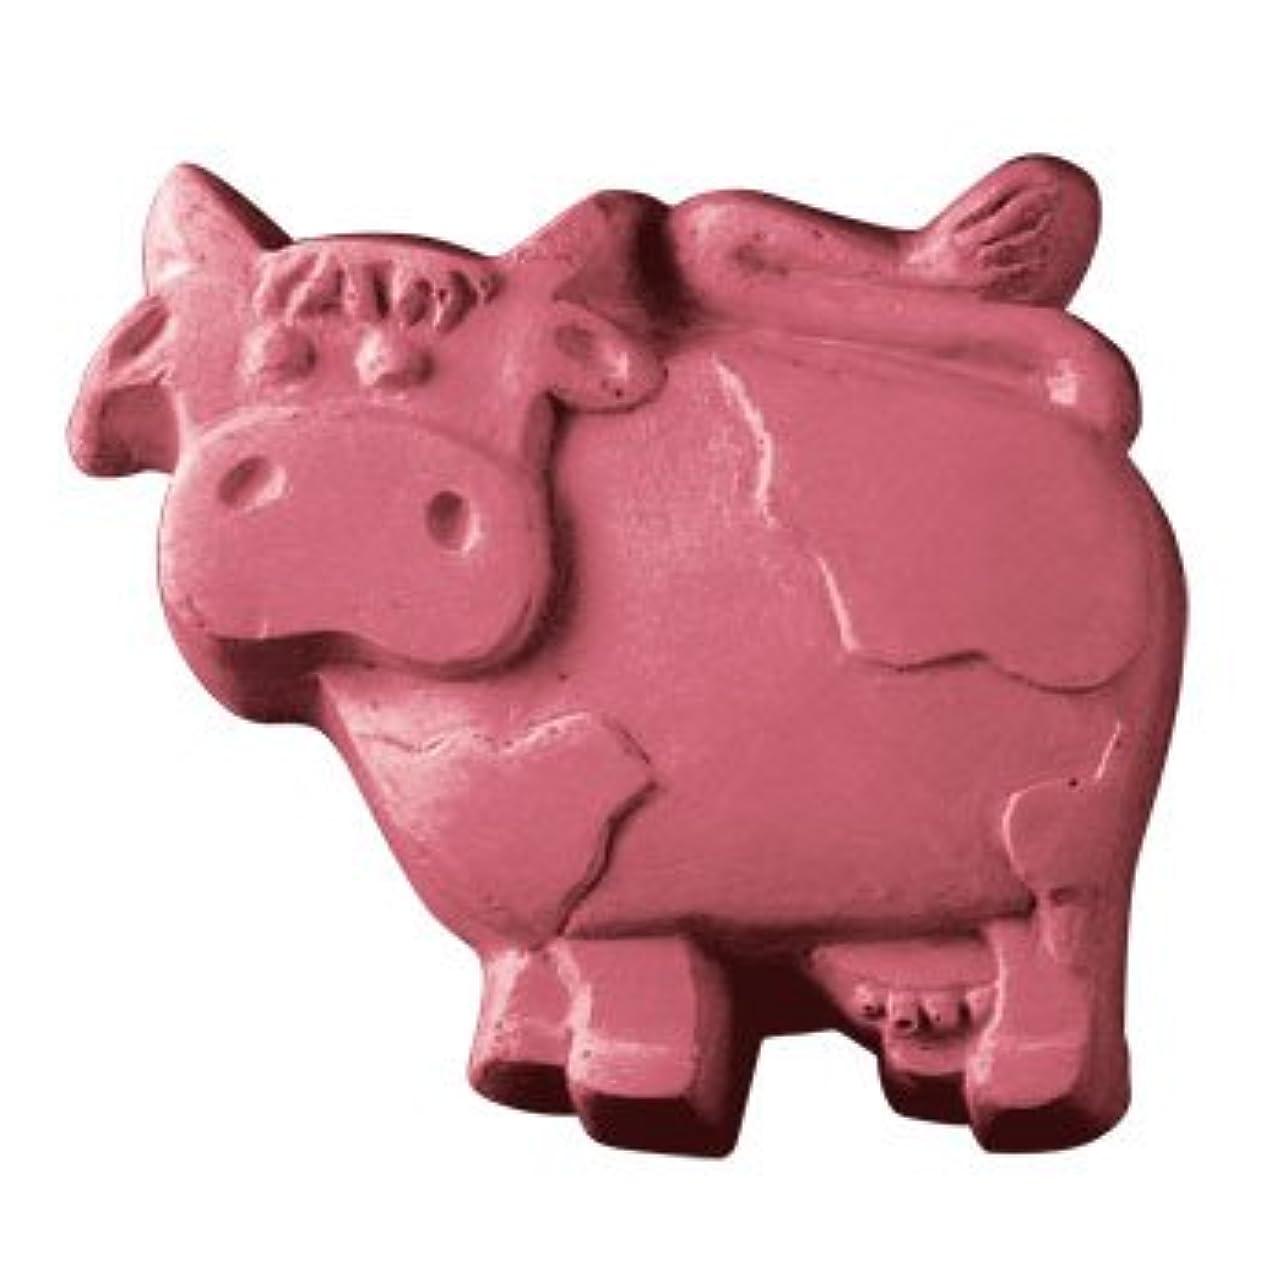 規制備品ローストミルキーウェイ 牛さん 【ソープモールド/石鹸型/シートモールド】